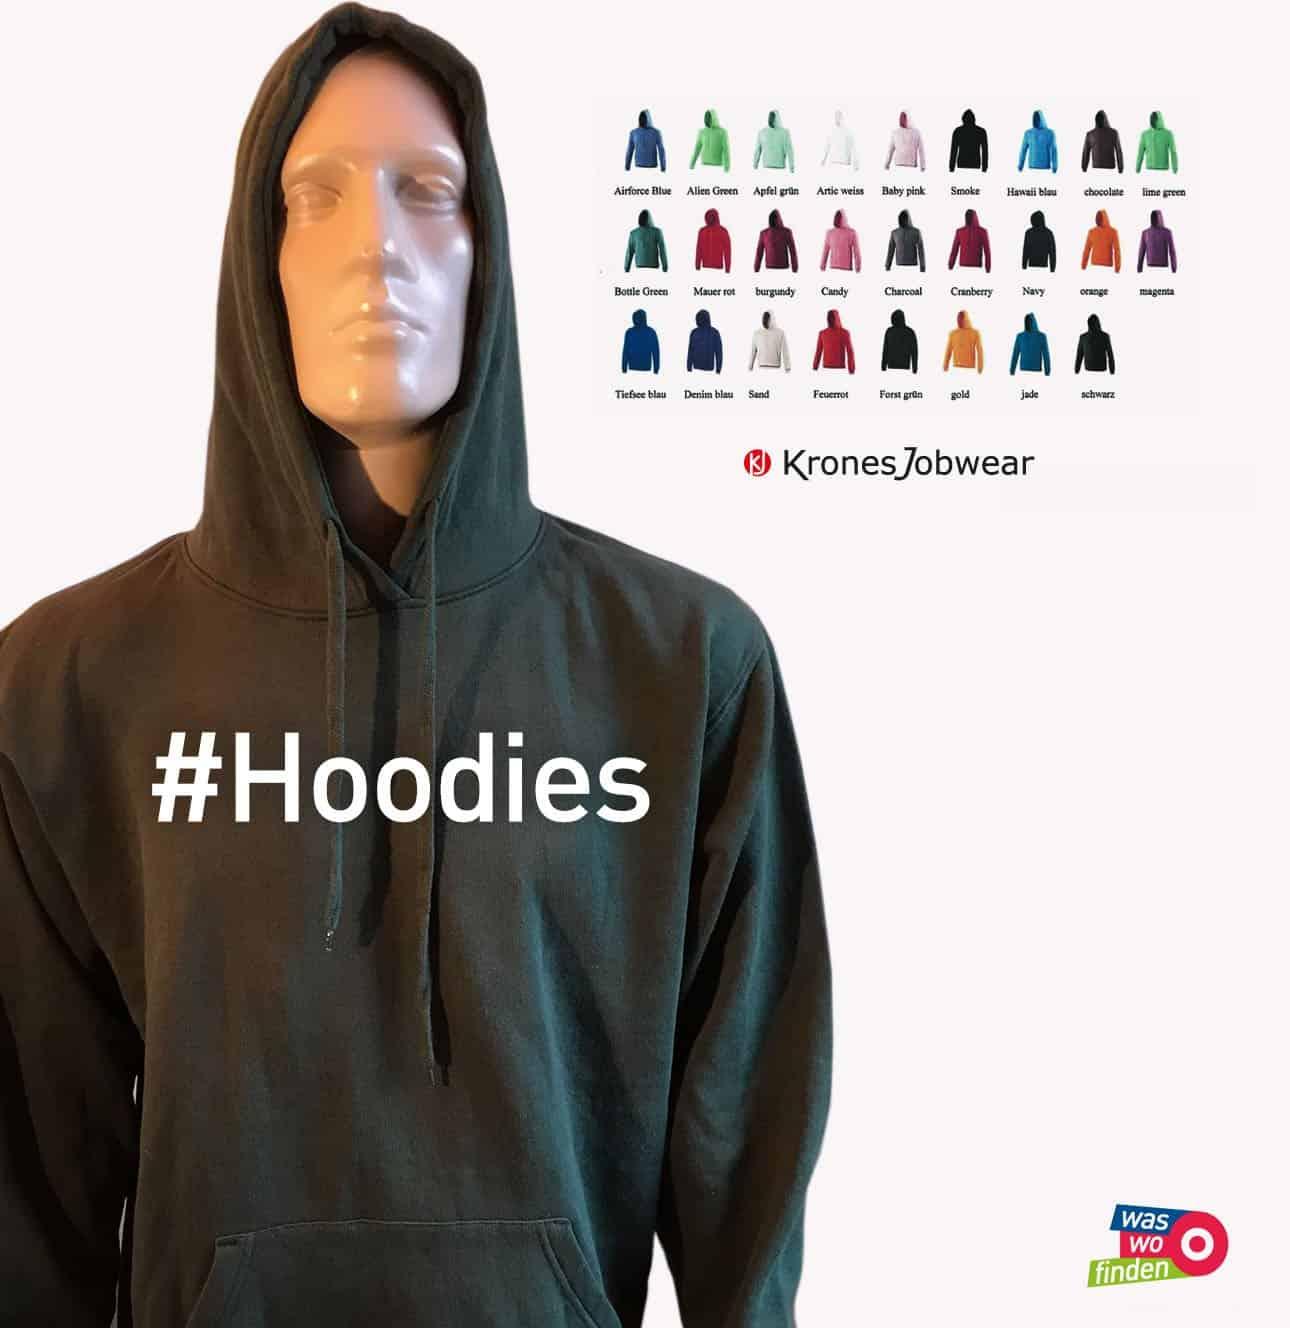 Hoodies Nordheidel - Krones jobwear